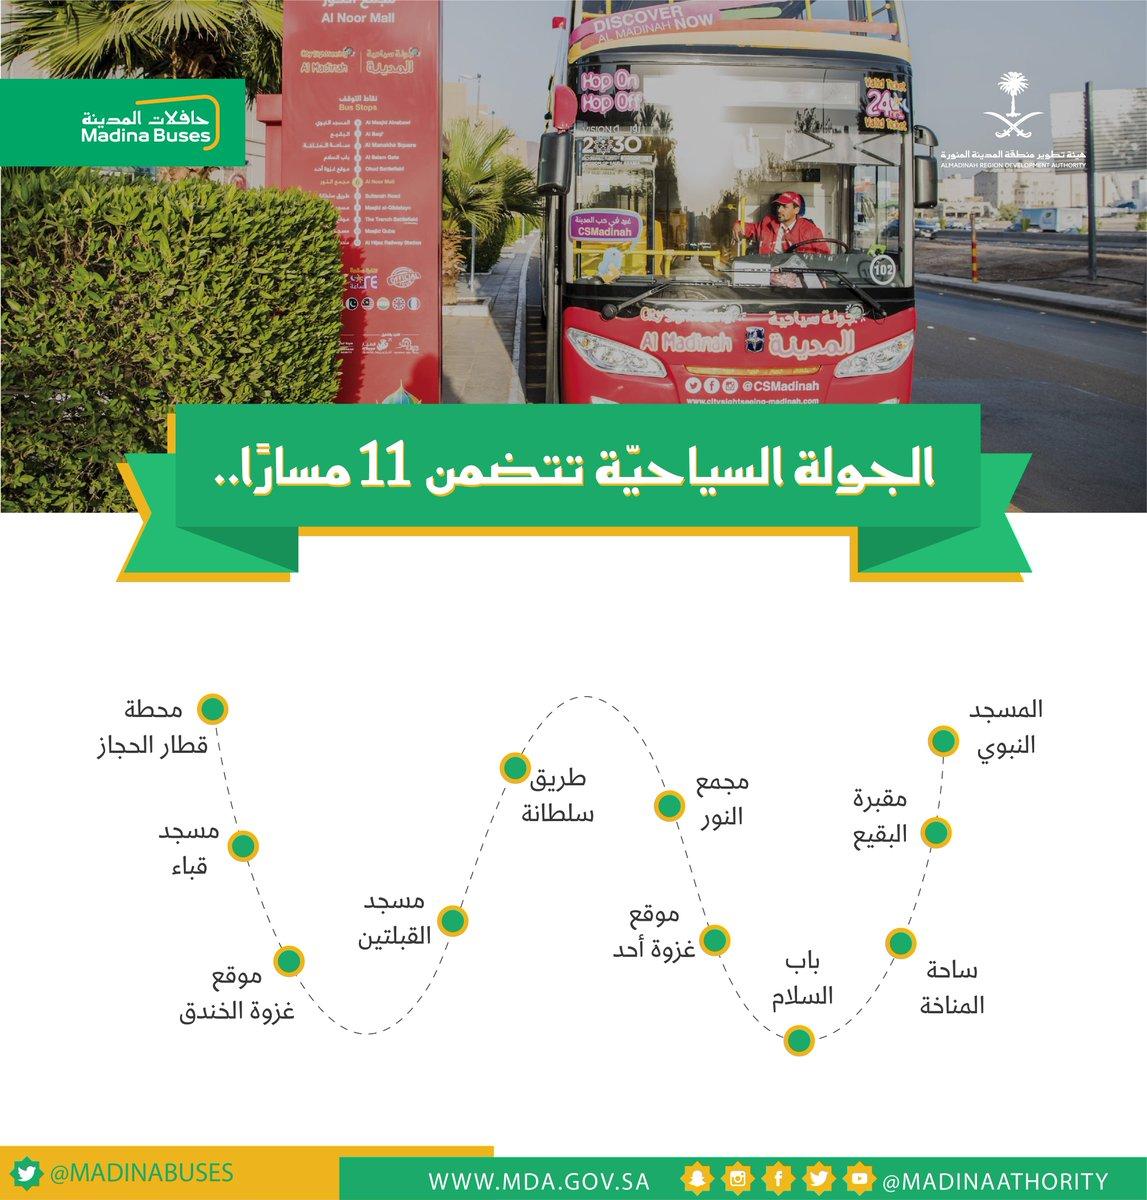 حافلات المدينة No Twitter تعرف على مسار الباص السياحي من حافلات المدينة بتذكرة مفتوحة لمدة ٢٤ ساعة